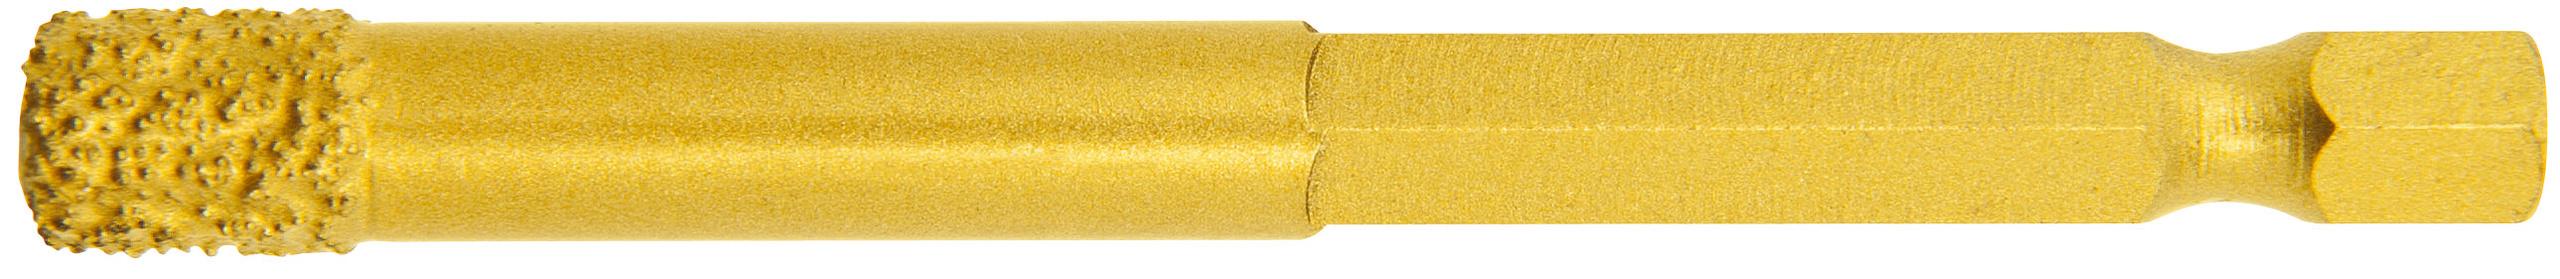 <br/>REMS tile drilling Ø 8 mm